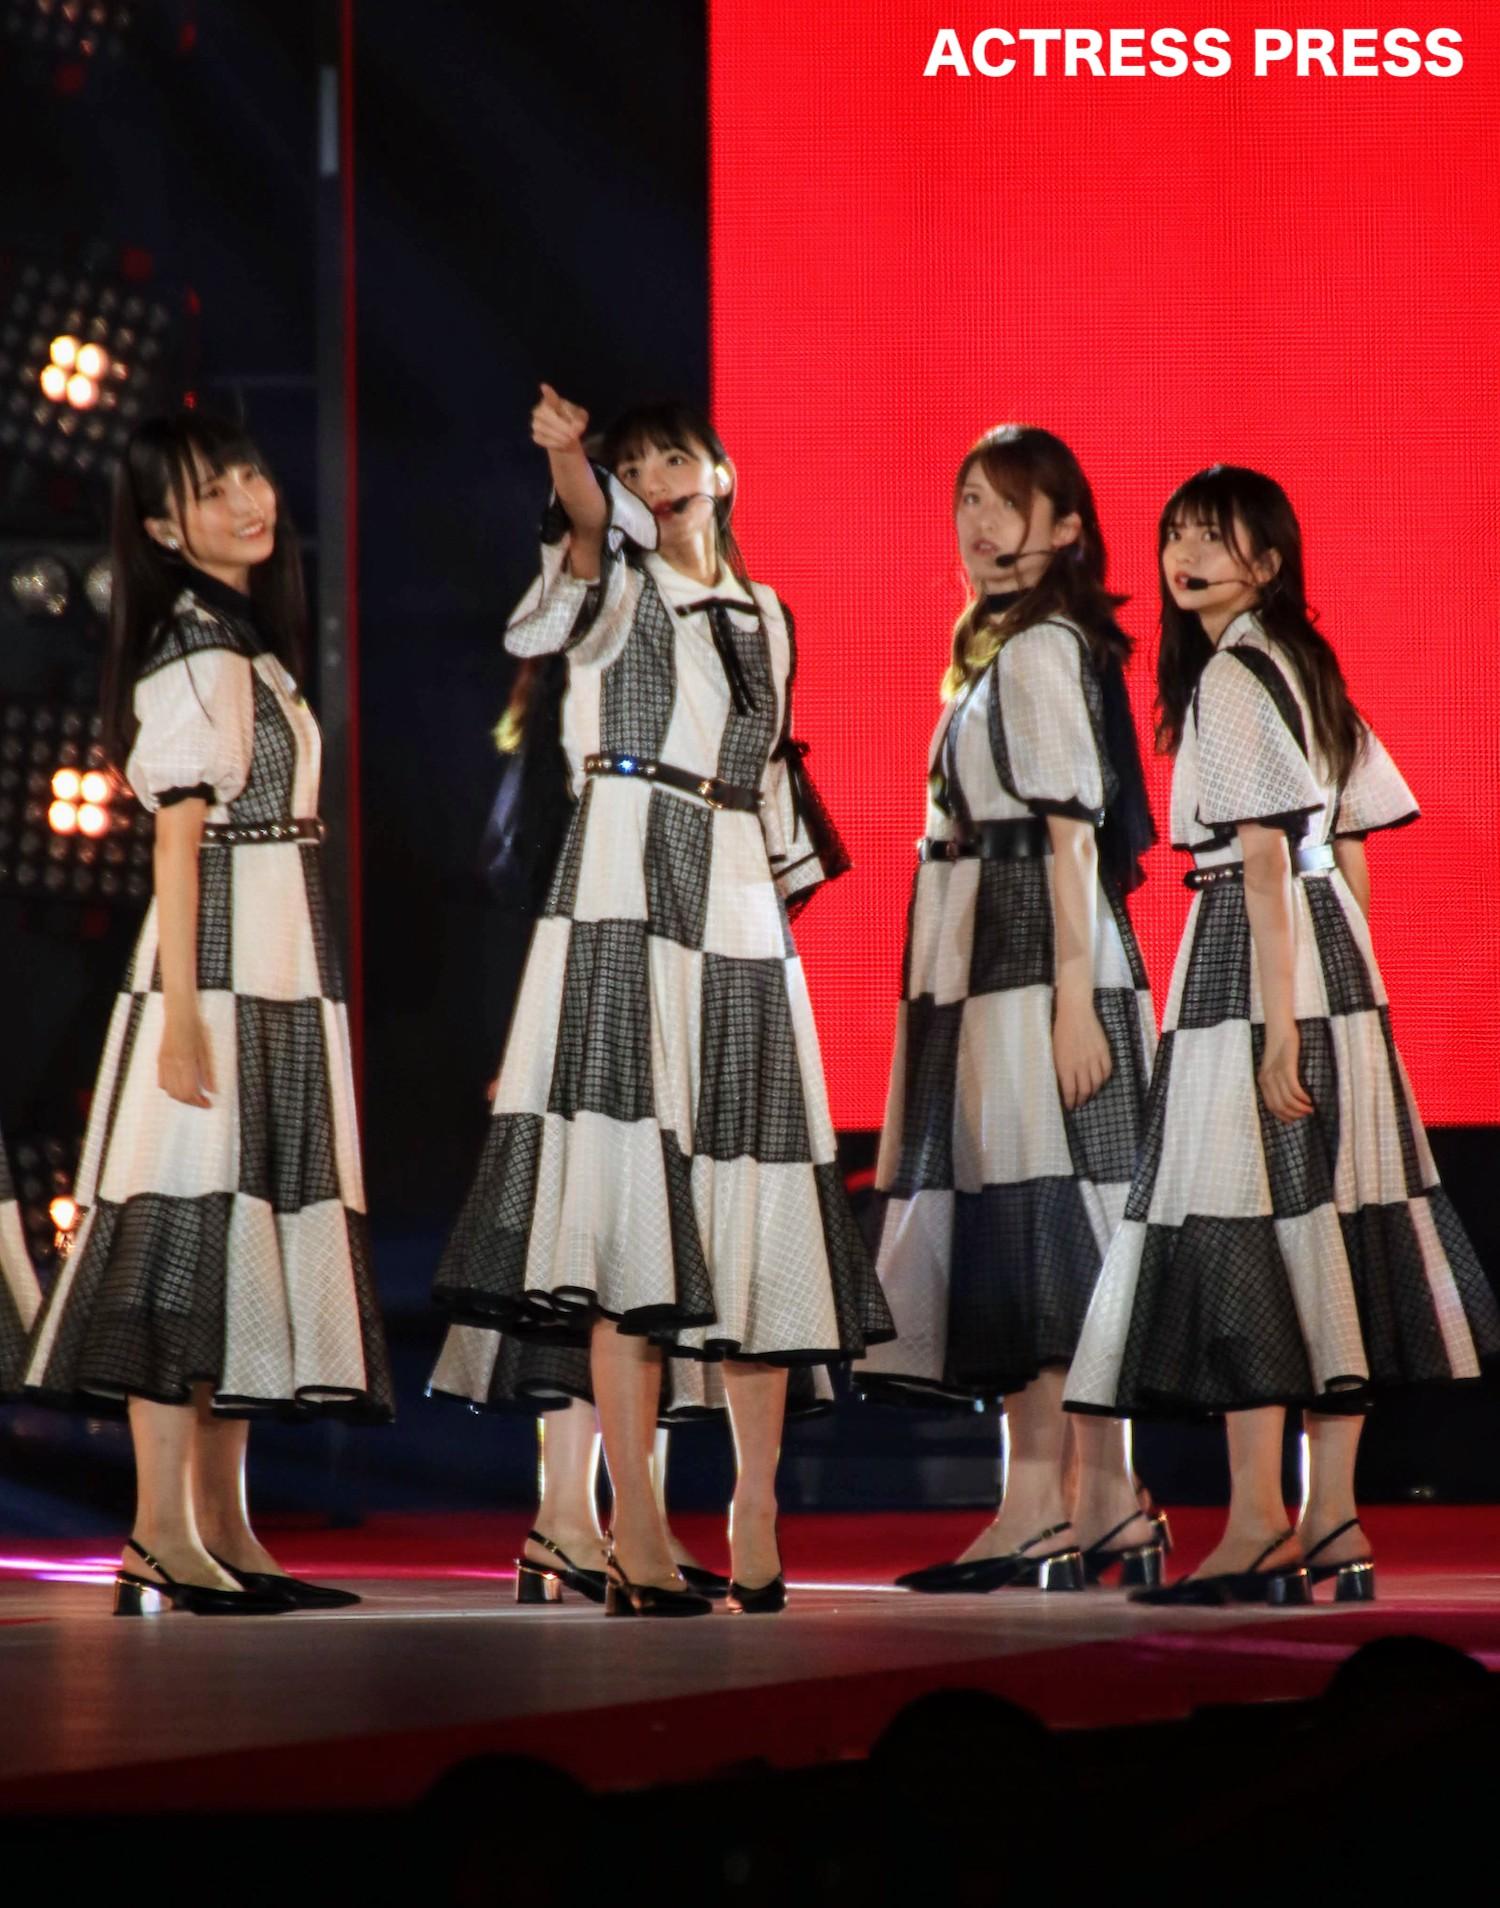 乃木坂46/2019年9月28日、GirlsAward2019AWステージにて。撮影:ACTRESS PRESS編集部